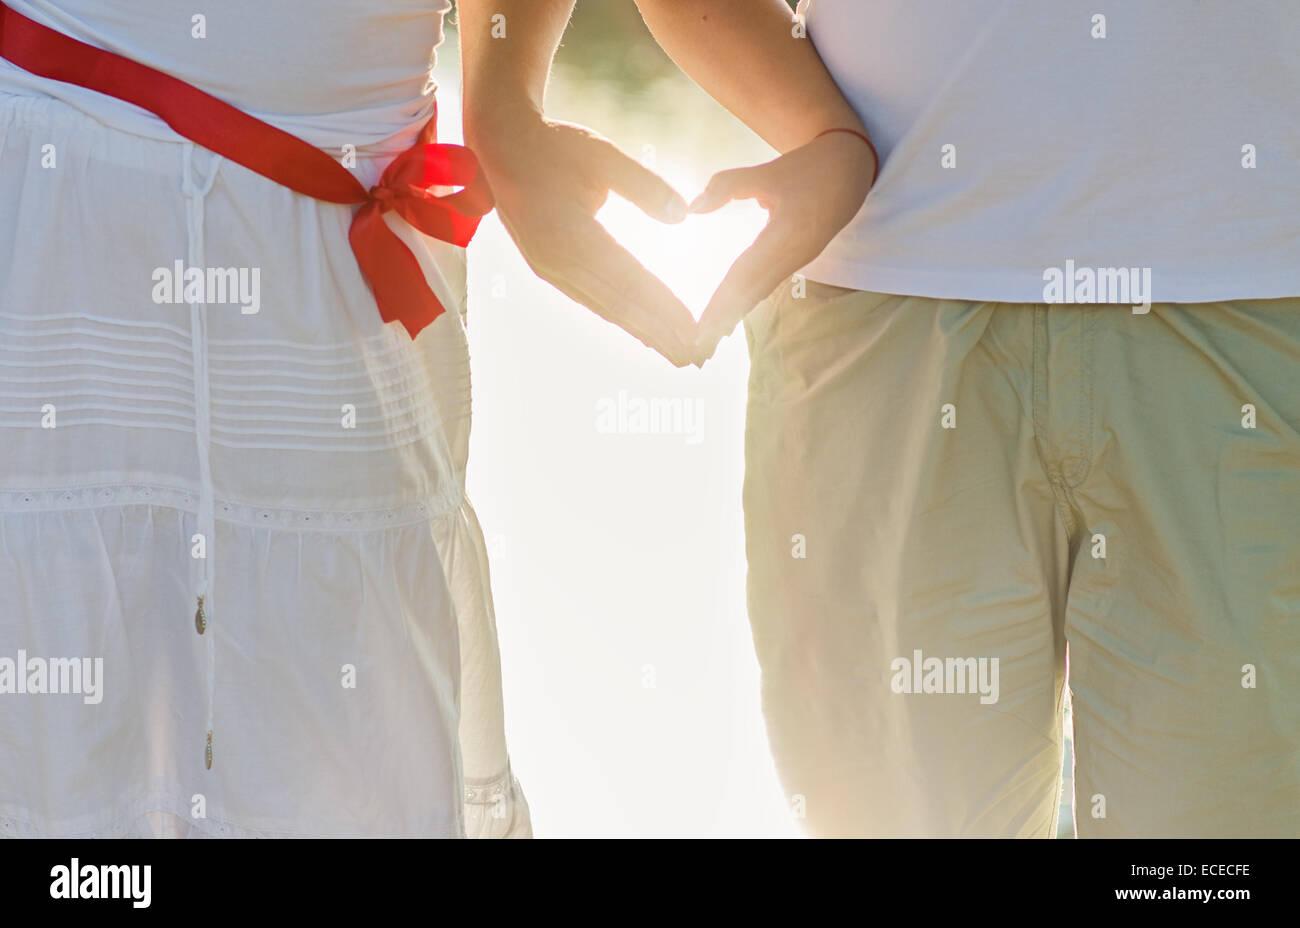 Hände von zwei Menschen, die die Form des Herzens Stockbild